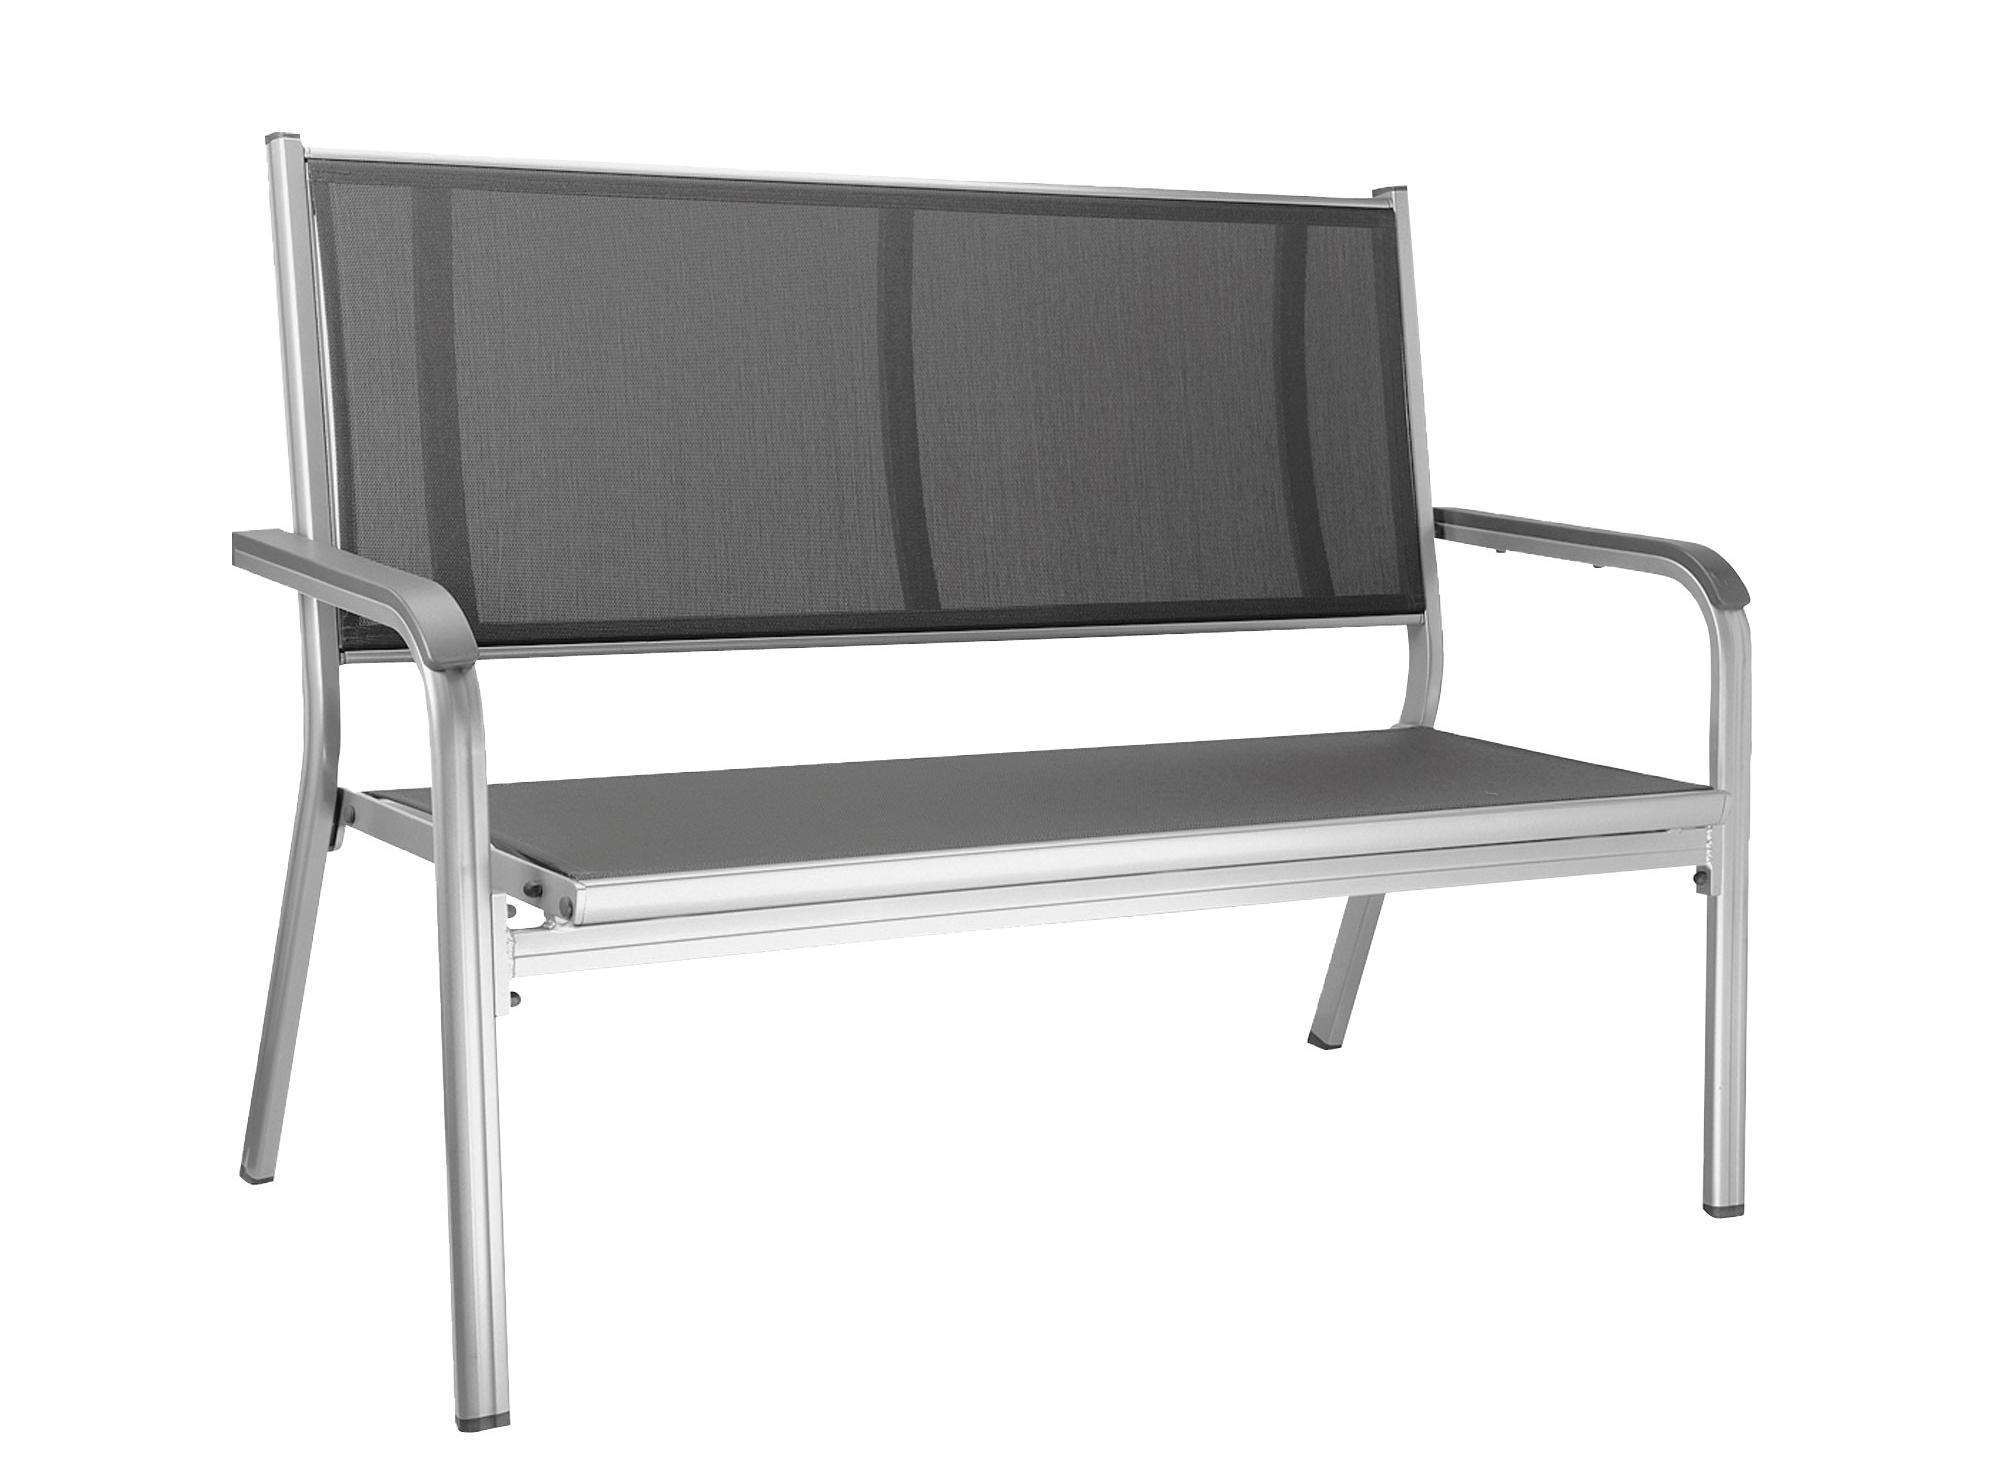 Садовая скамейка Basic Plus Kettler